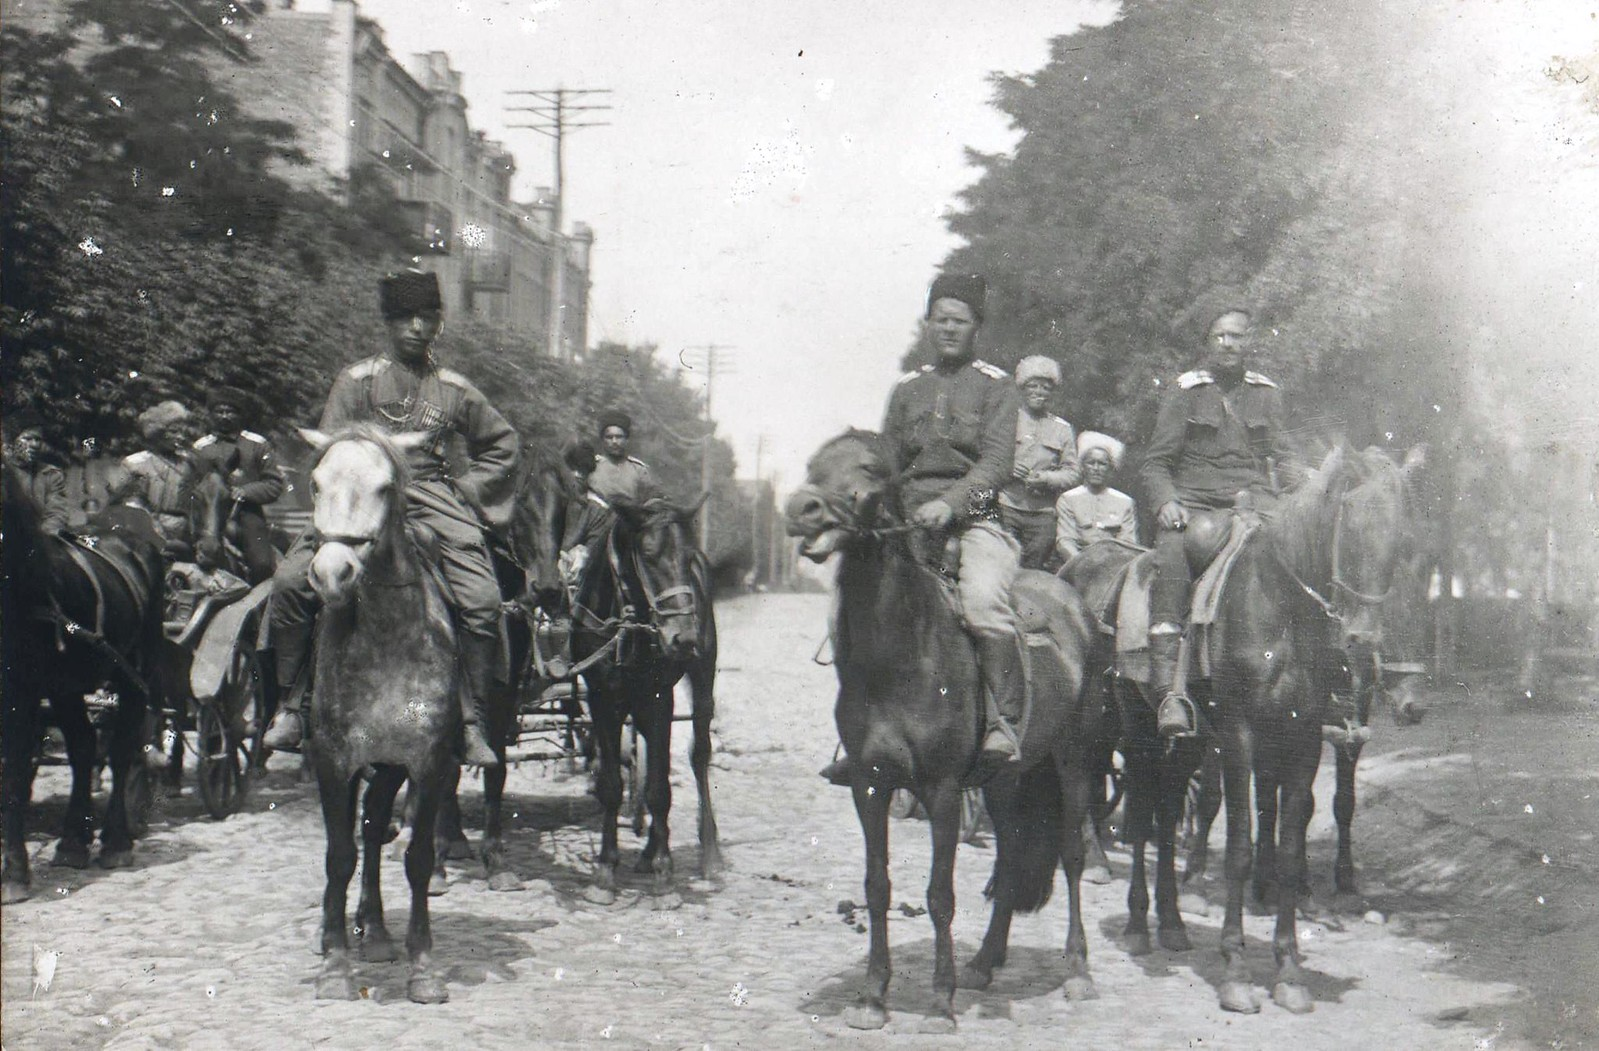 204. 1919. Войска 1-й Кавказской конной дивизии в освобожденном Екатеринославе